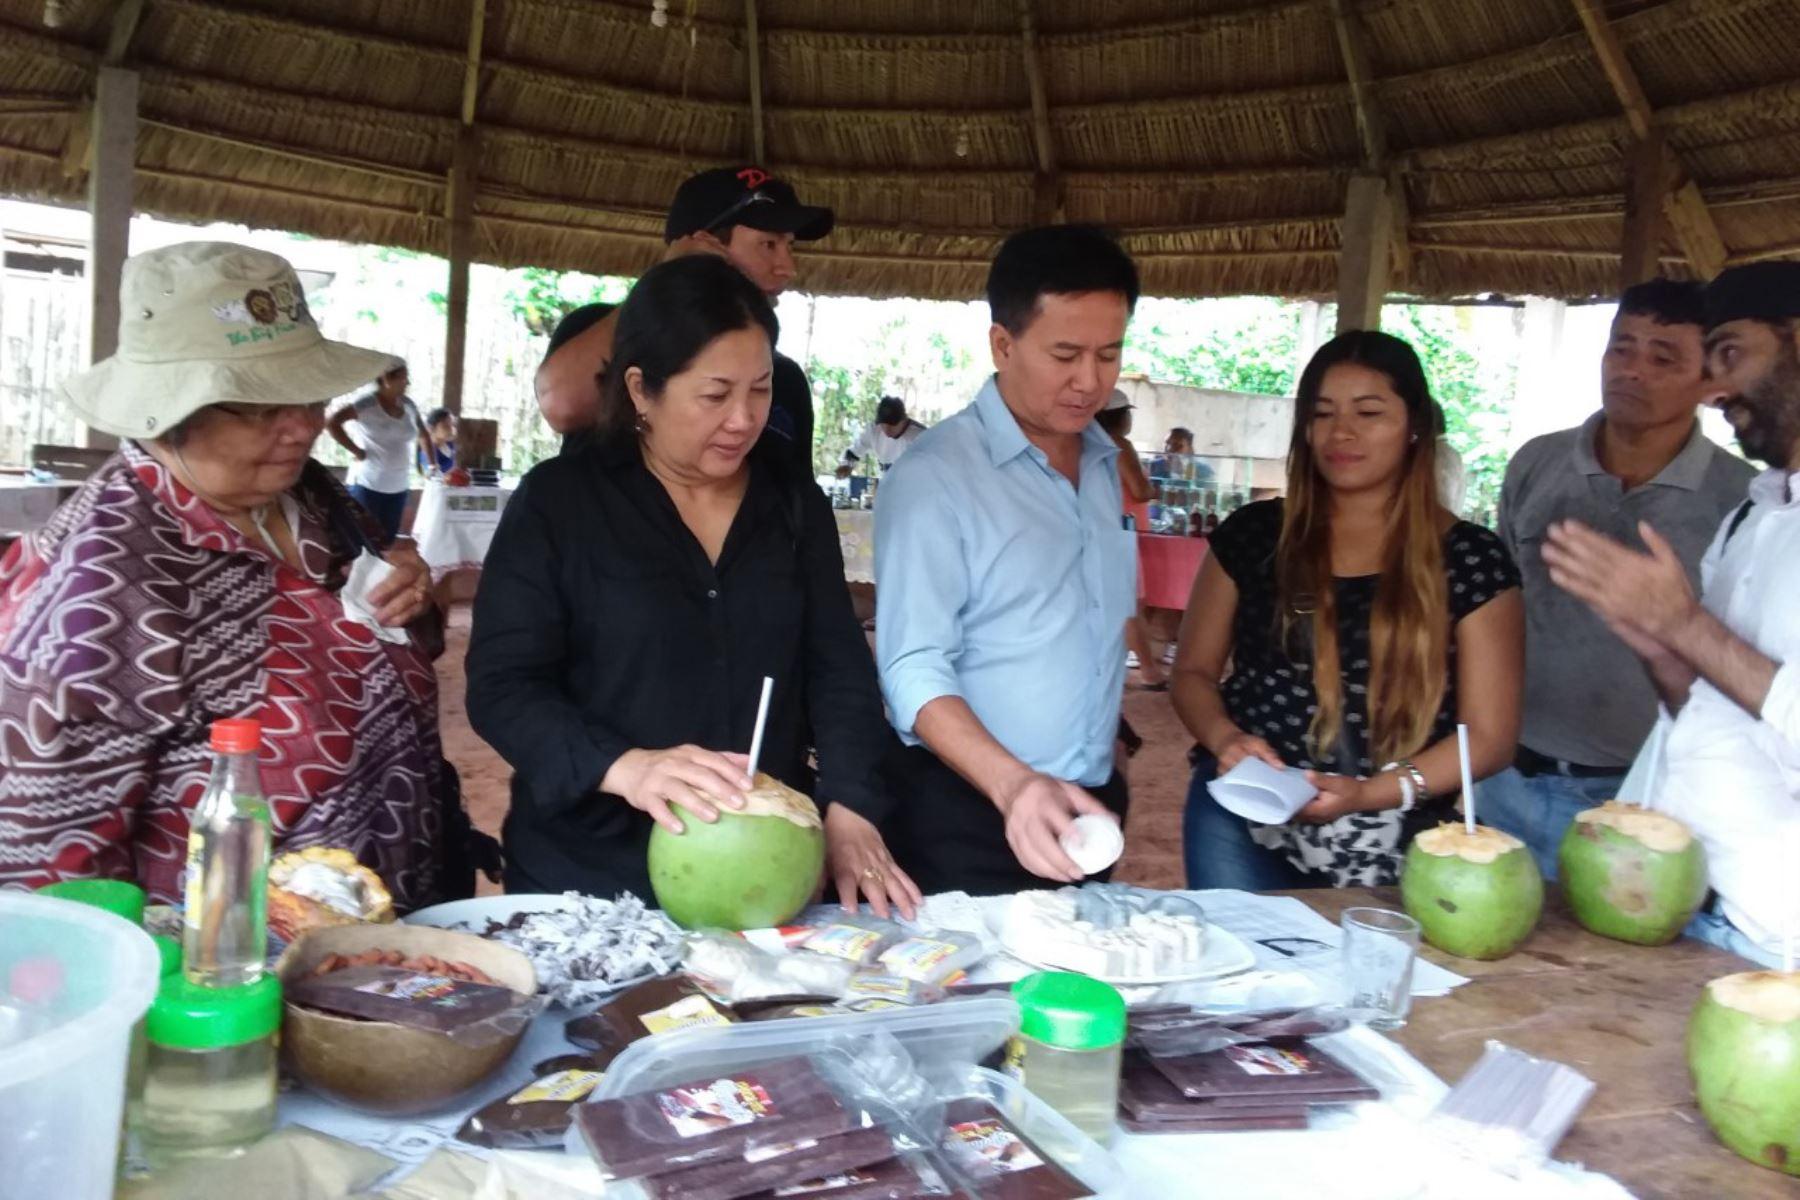 Científicos de Tailandia estudian propiedades de plantas amazónicas en San Martín. ANDINA